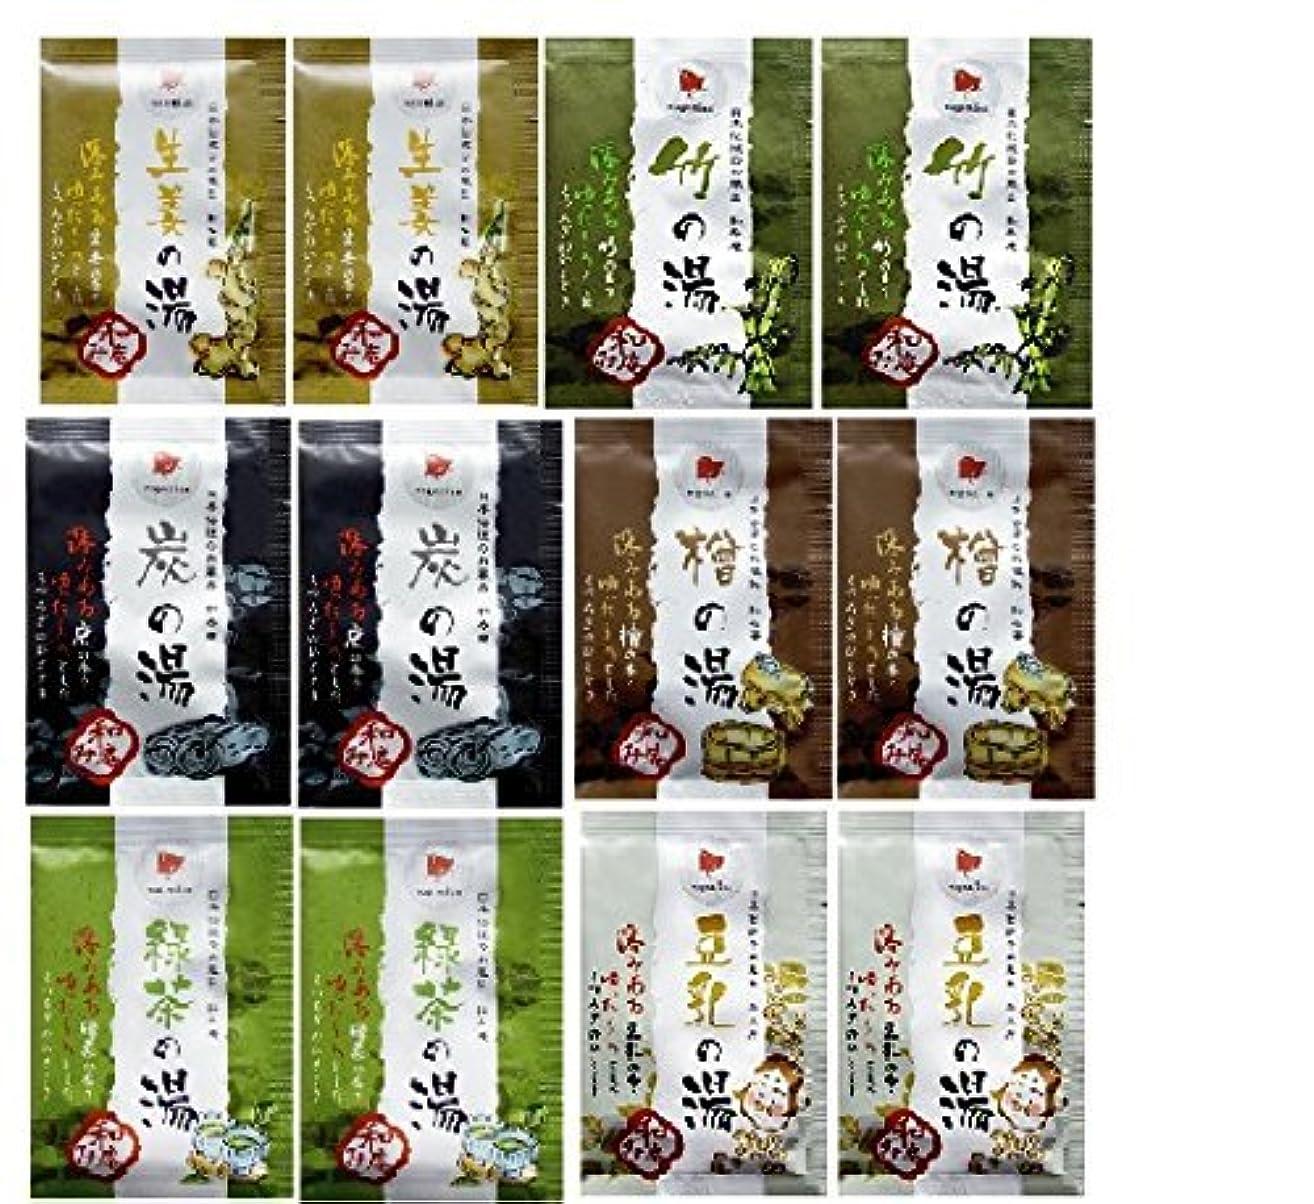 関係増幅つづり日本伝統のお風呂 和み庵 6種類×2 12包